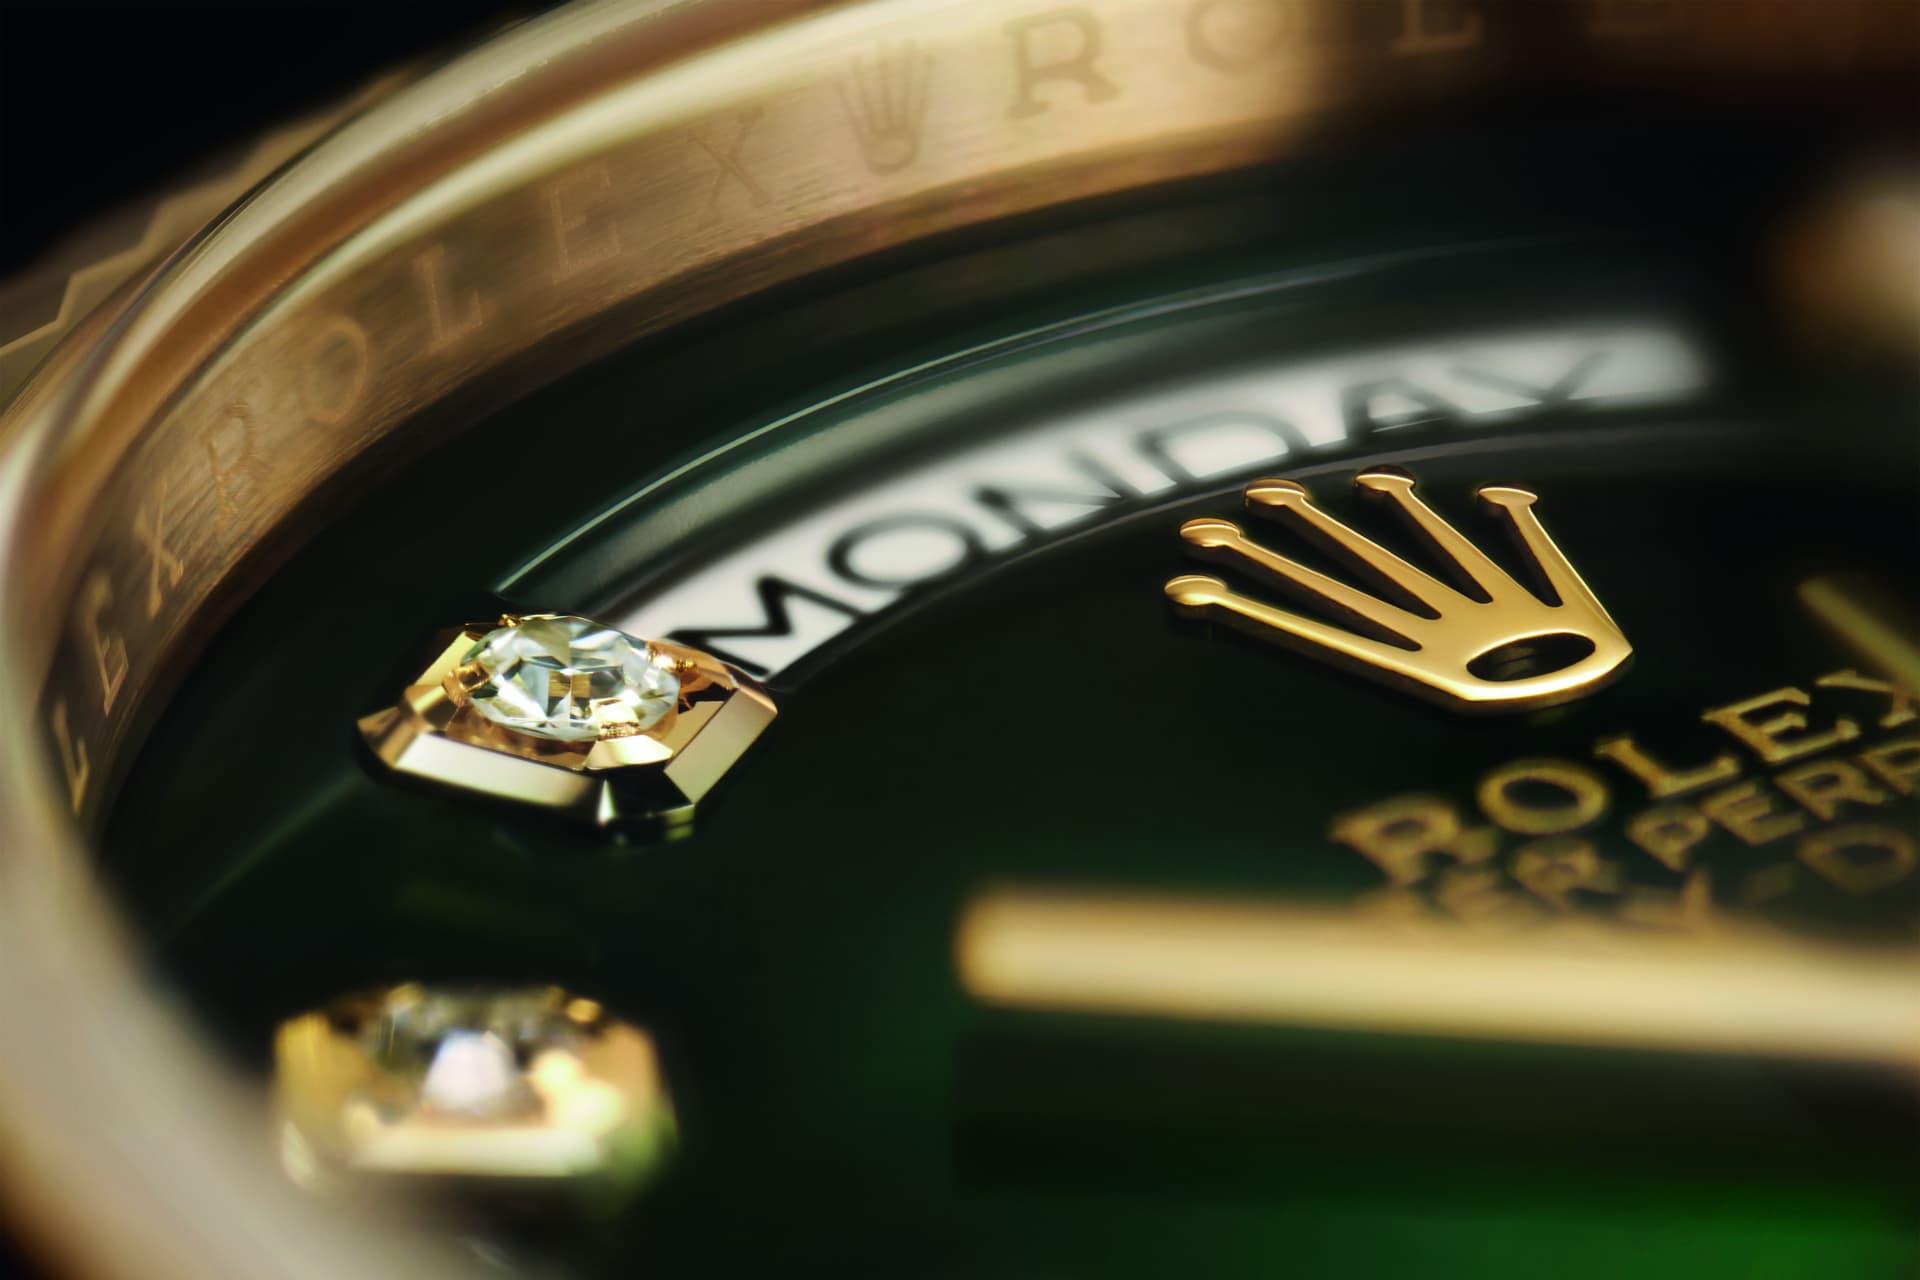 Det som kännetecknar en RolexOyster Perpetual Day-Date 36 är visningen av veckodag i form av textvid kl. 12 via ett litet fönster på urtavlan.